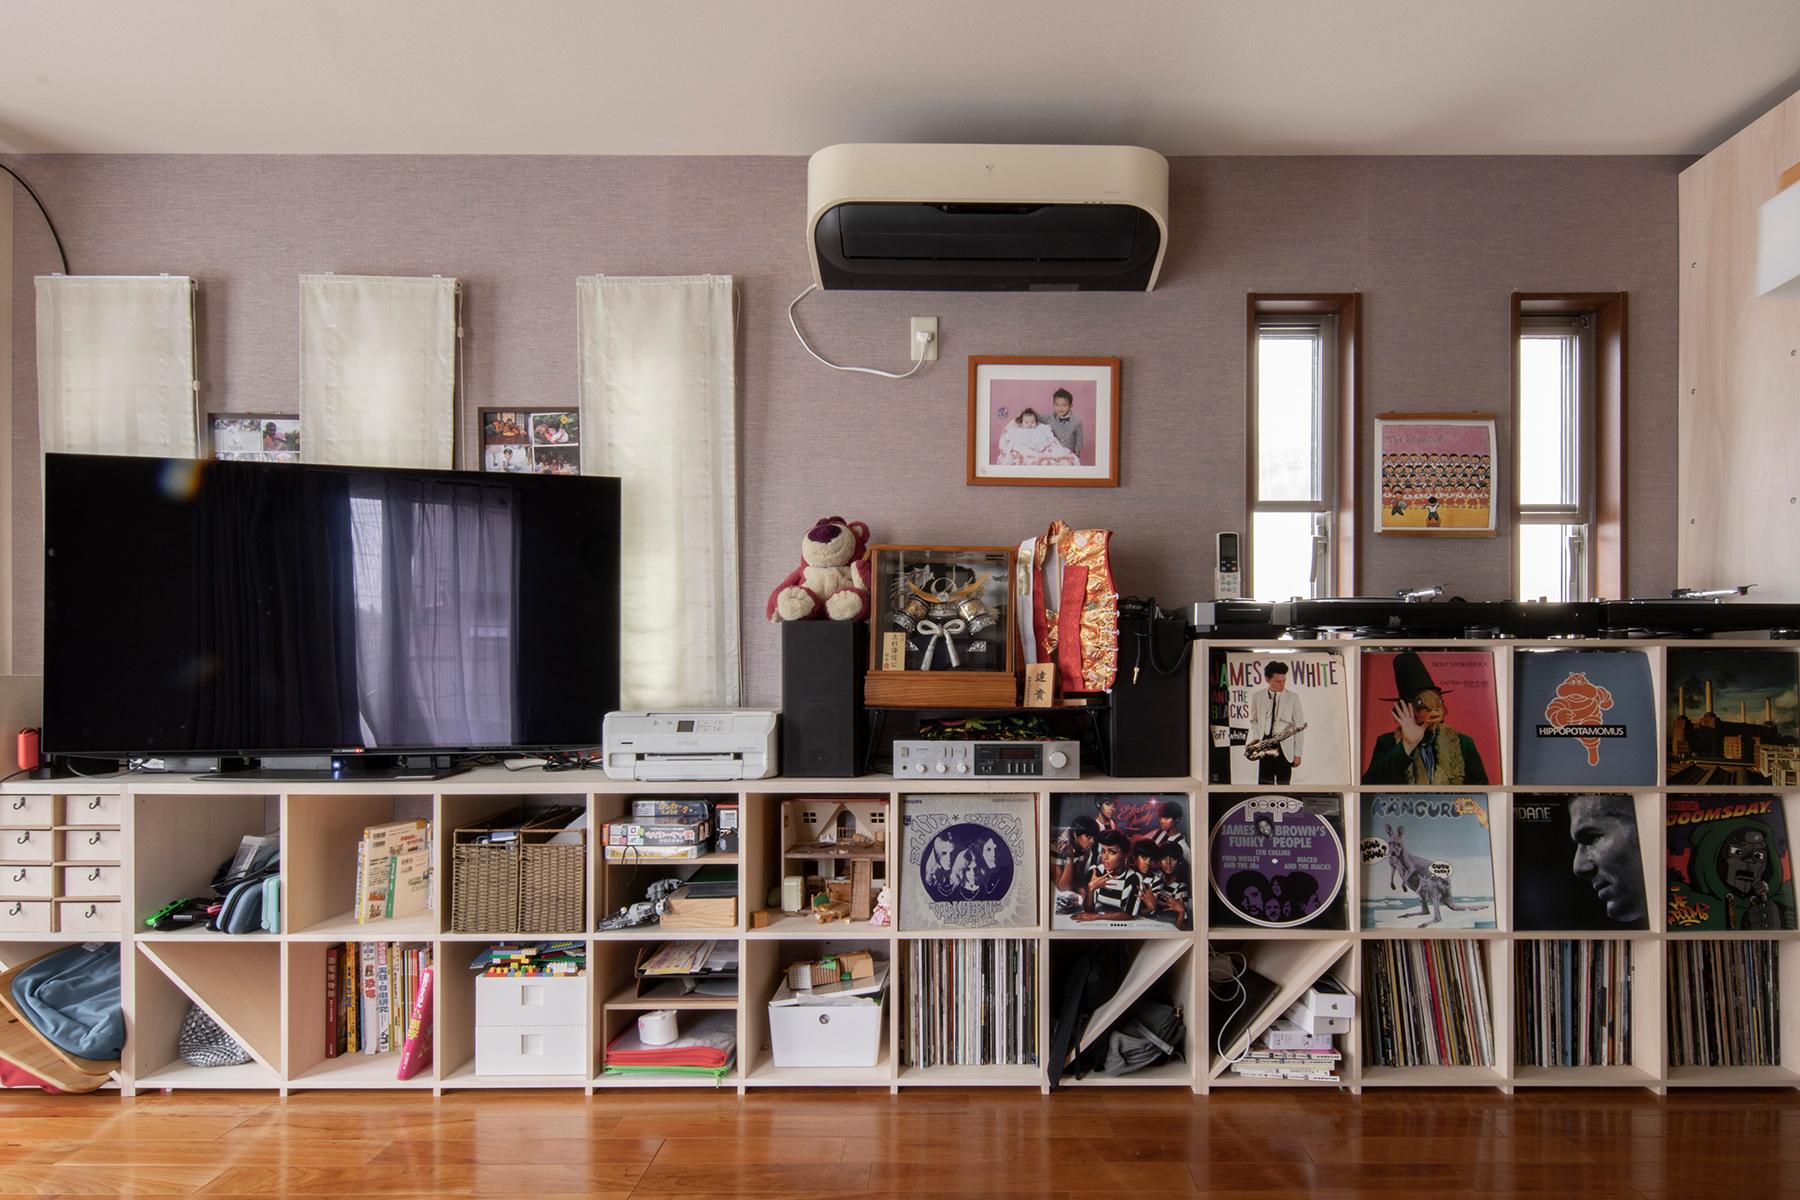 部屋の機能を損なわずにコンパクトに纏める | 壁一面の本棚 奥行350mm ロータイプ / Shelf (No.16) | マルゲリータ使用例 シンプル おしゃれ 部屋 インテリア レイアウト